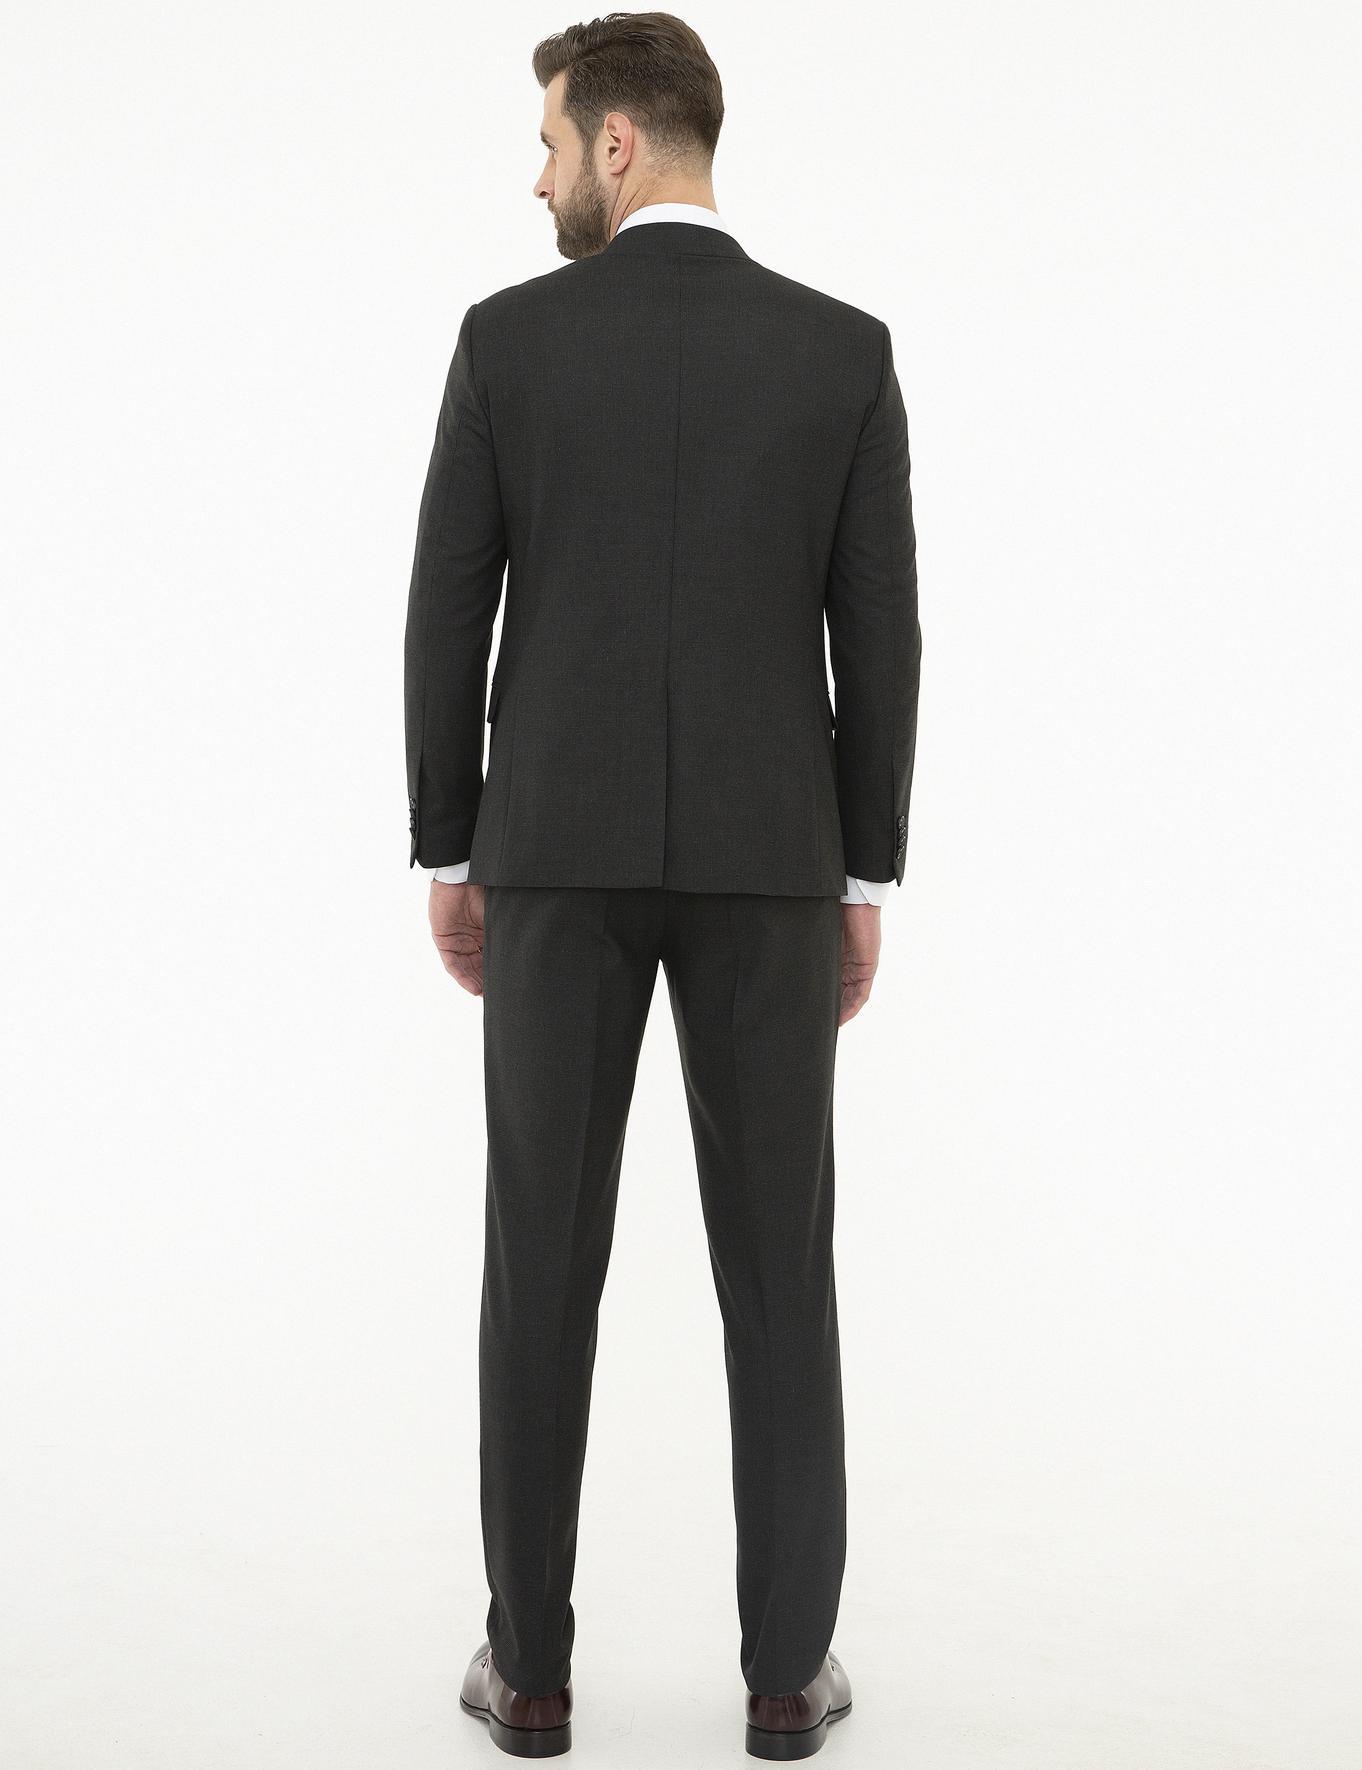 Siyah Ekstra Slim Fit Takım Elbise